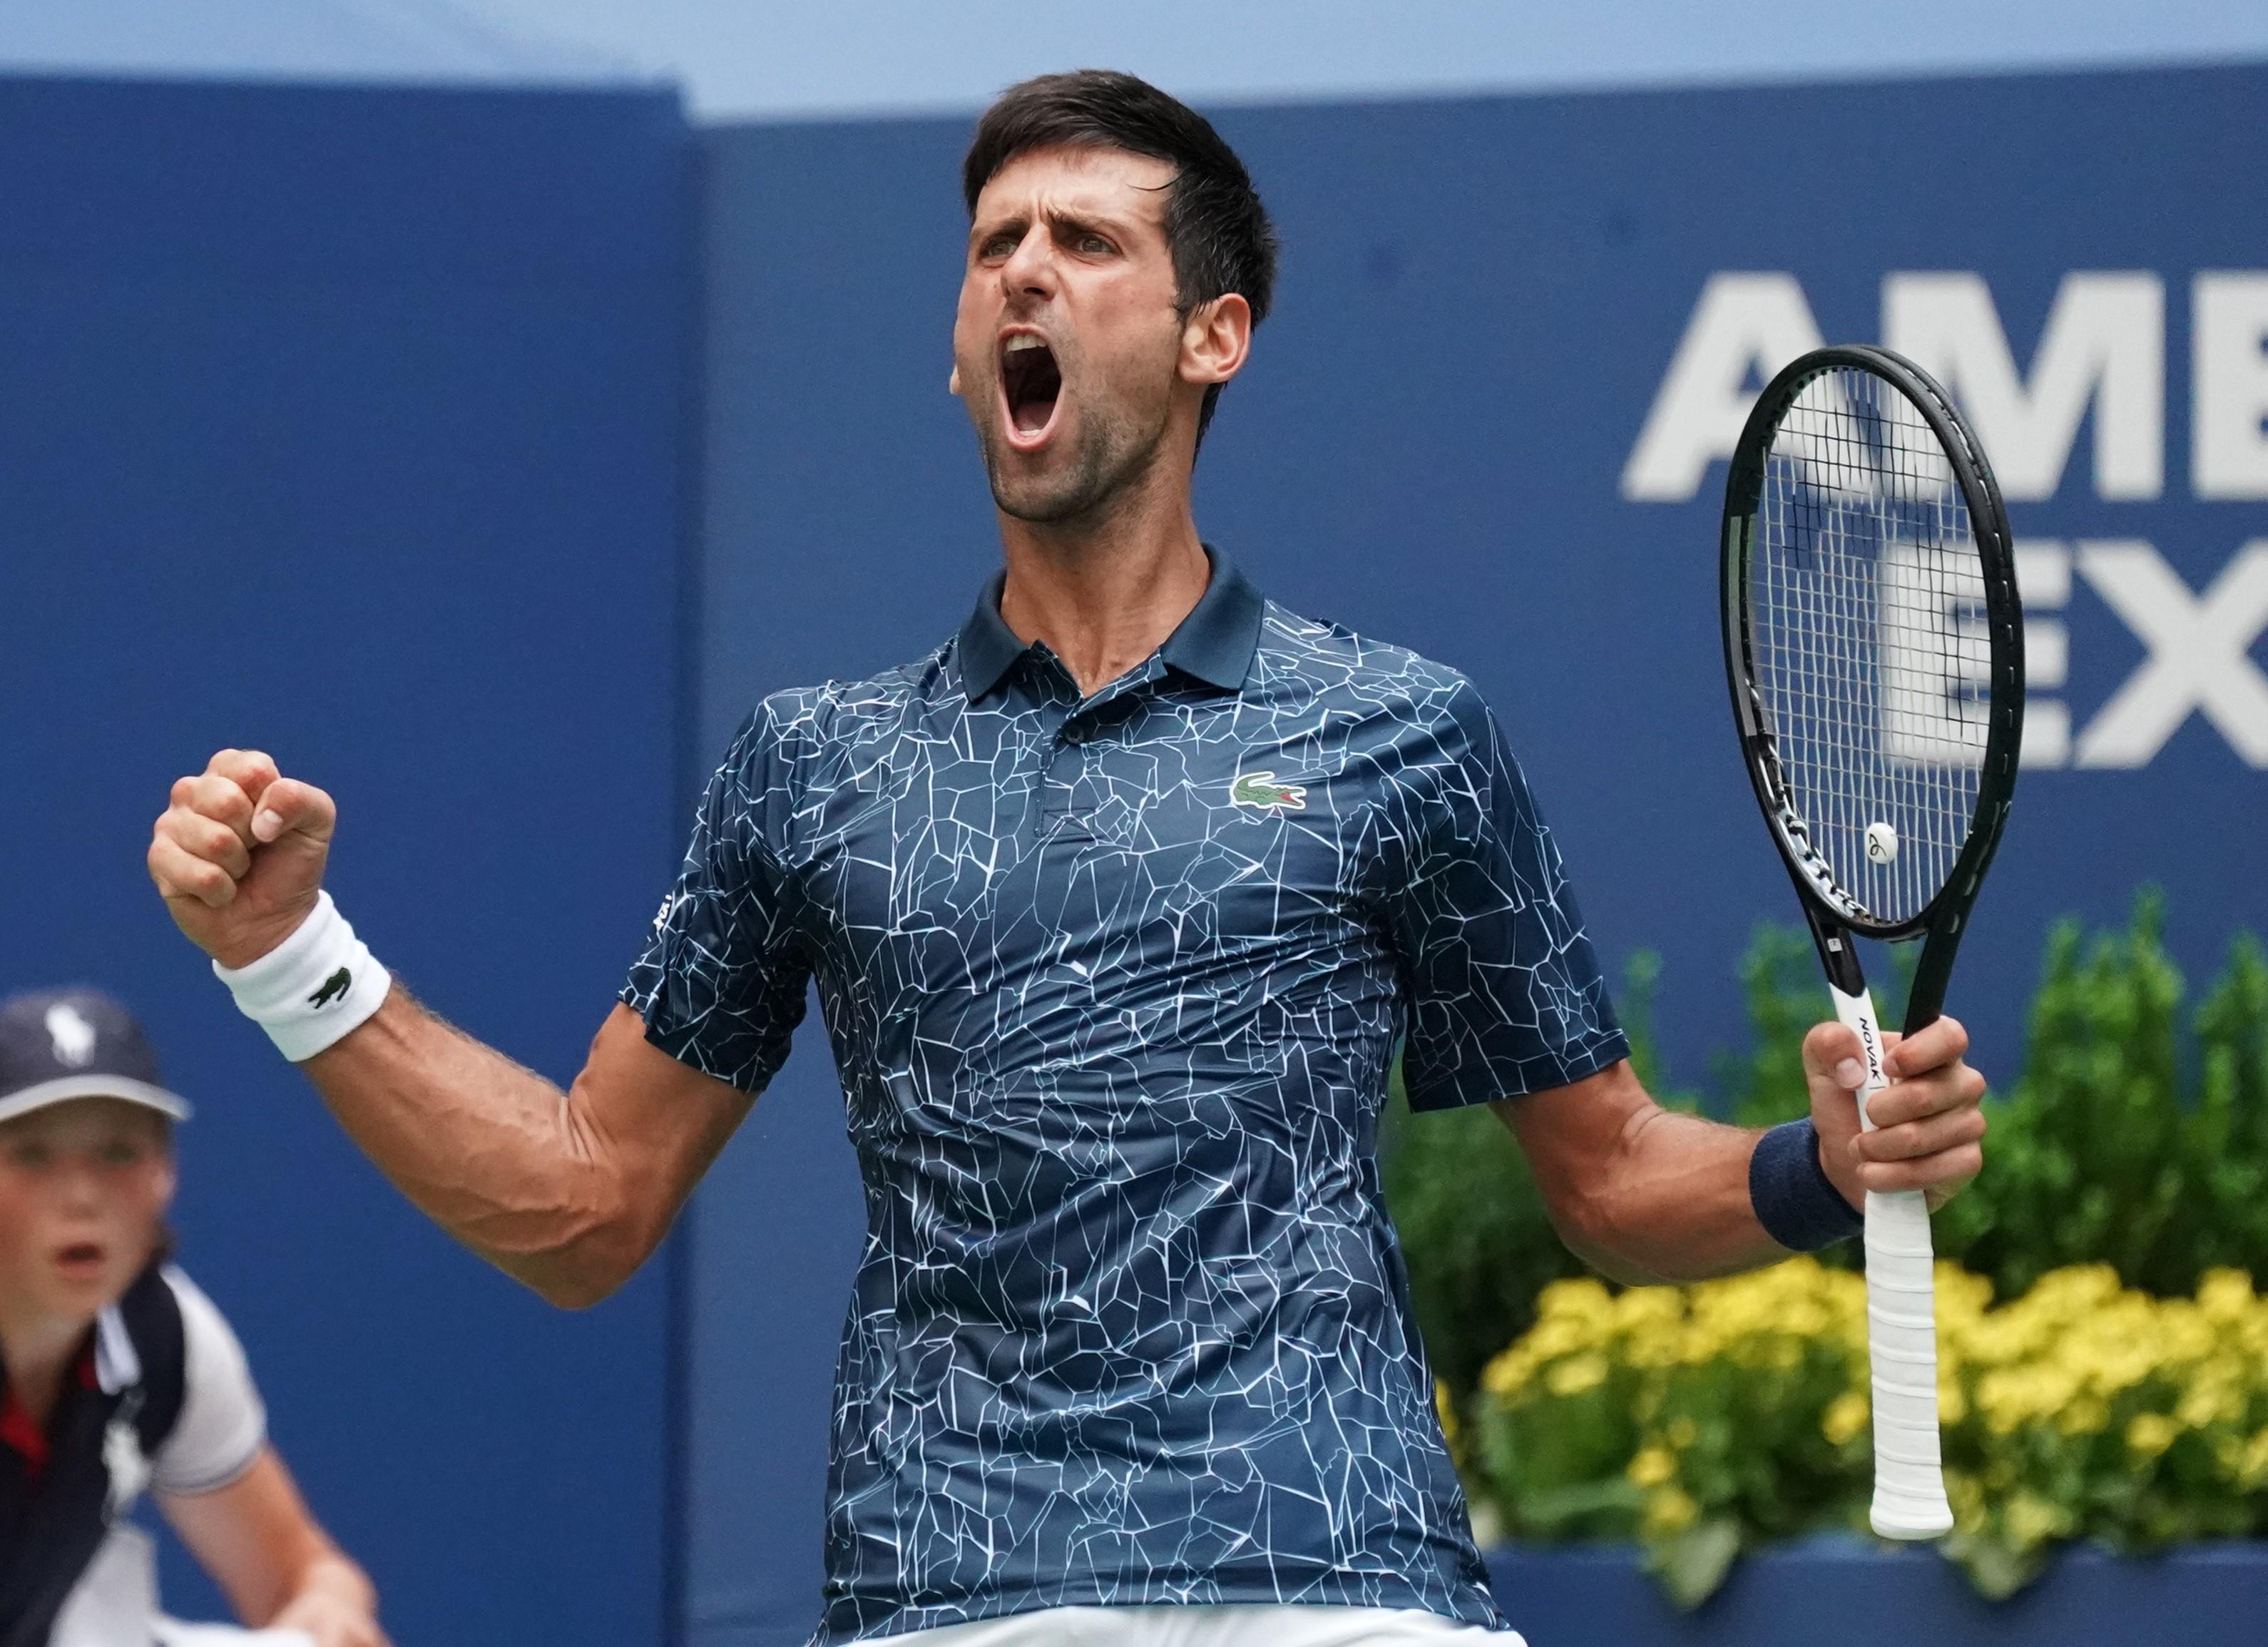 Novak Djokovic celebrates during his four-set win on Tuesday